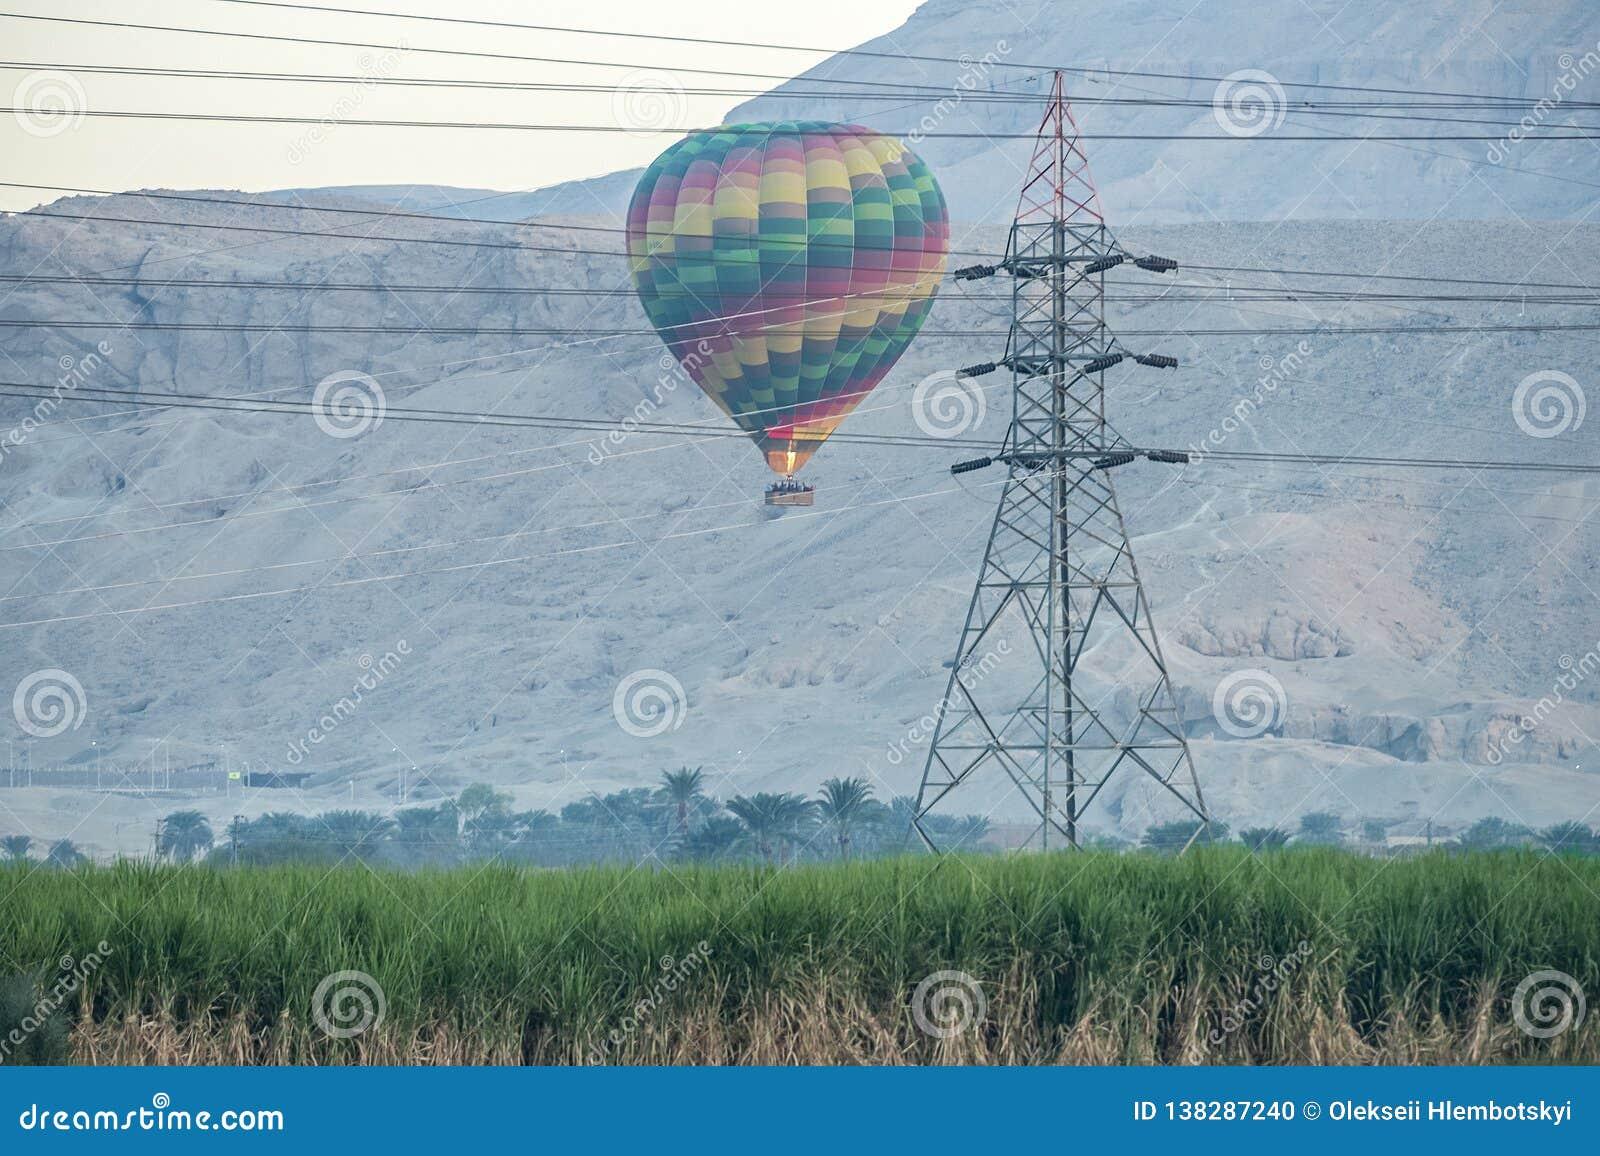 12/11/2018 Luxor, Egipt gorące powietrze balony wzrasta przy wschód słońca nad zieloną oazą w pustyni